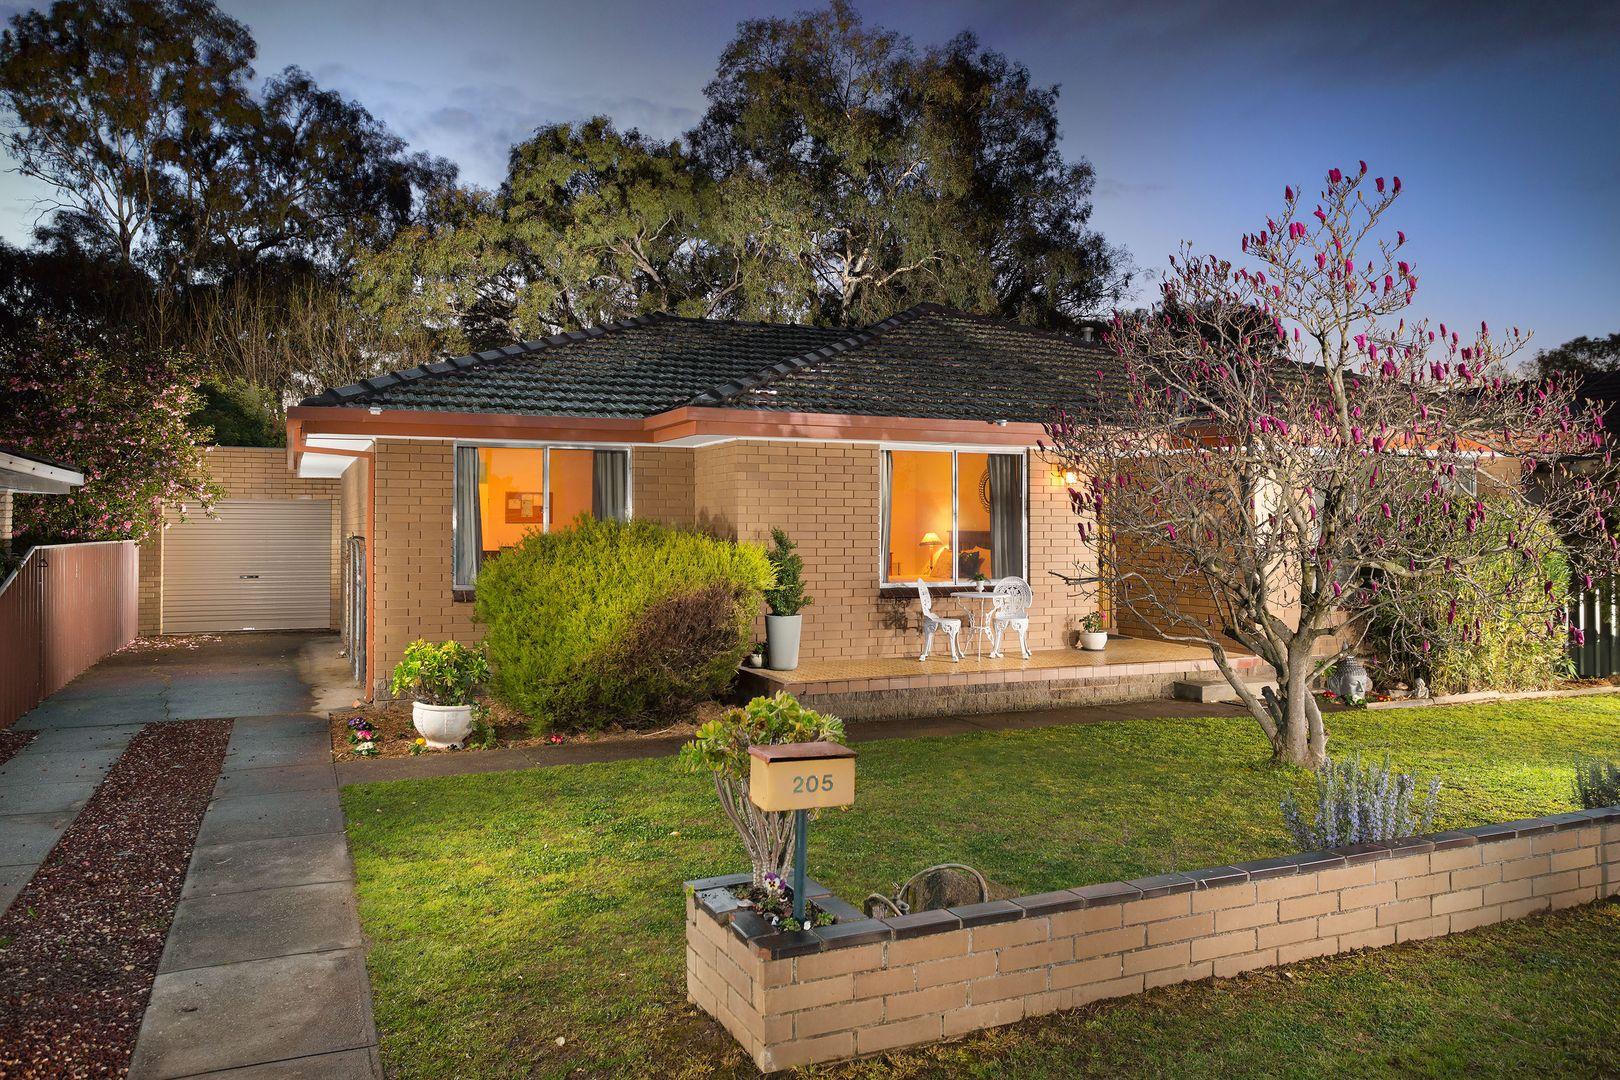 205 Kiewa  Street, Albury NSW 2640, Image 0